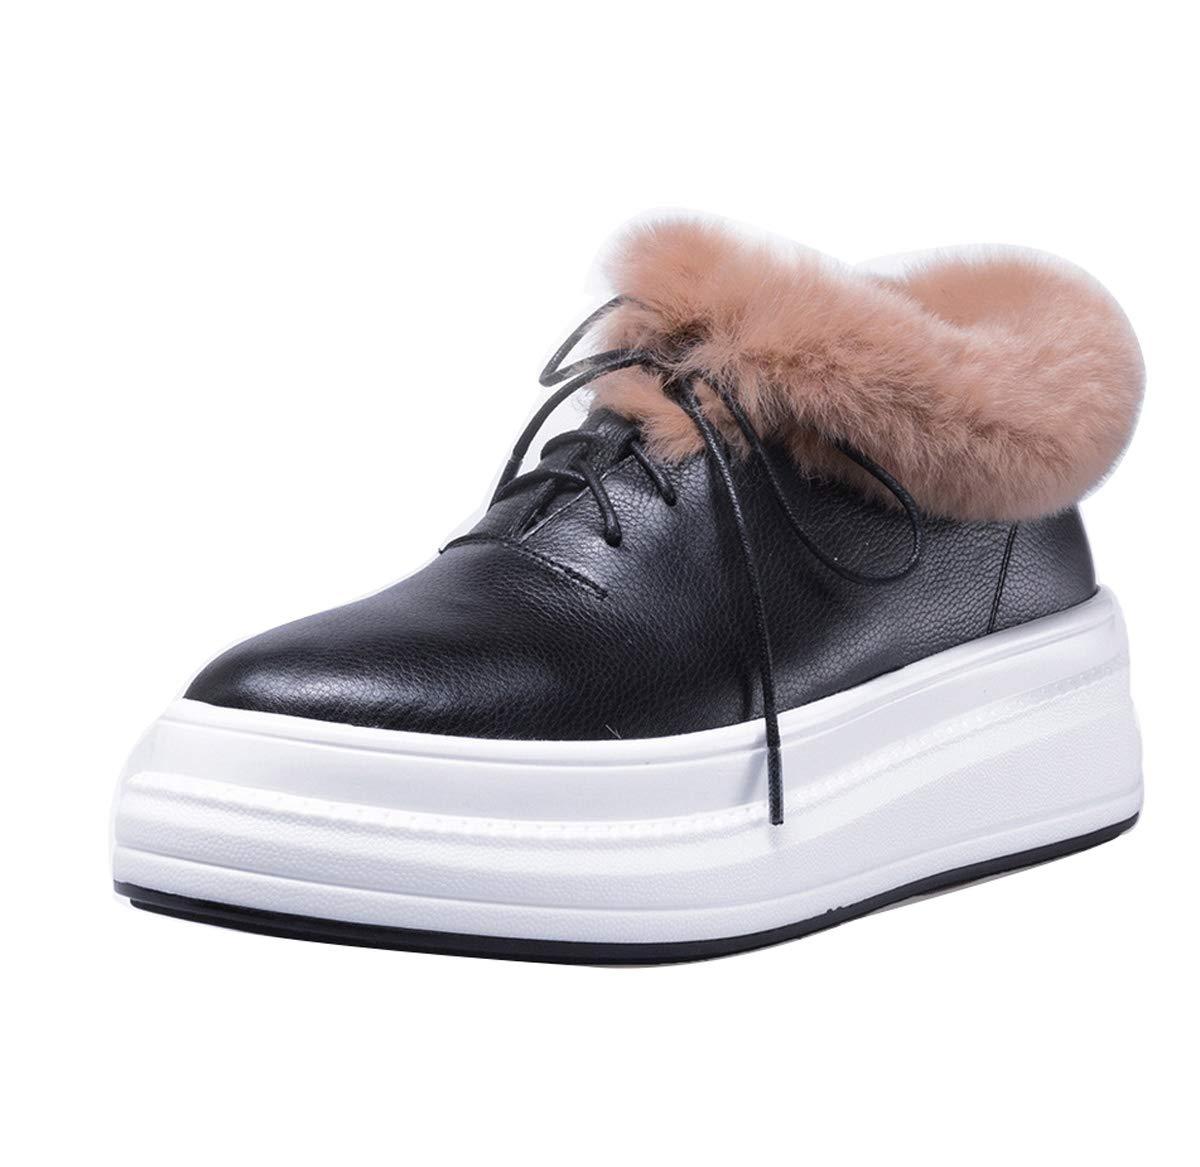 DANDANJIE damen Schuhe Leder Warm Winter Ankle Stiefel Faux Plush Wedge Heel Damen Lace-Up Rutschfeste Schuhe